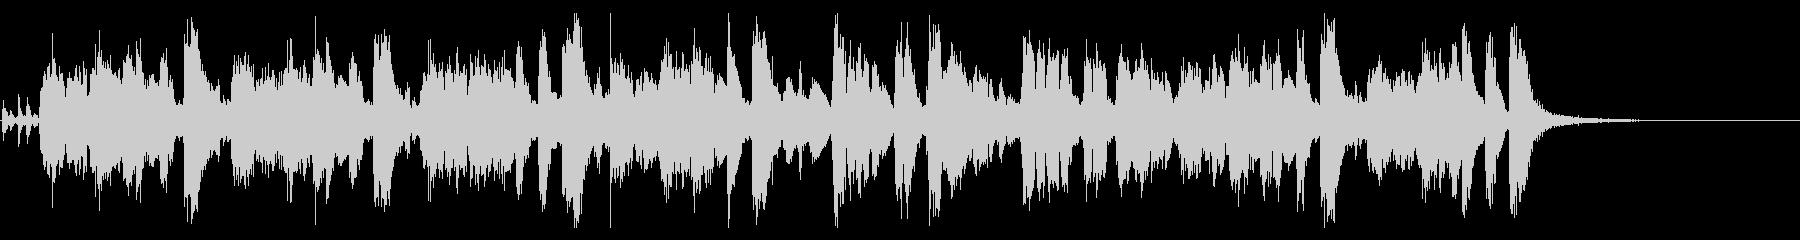 豪華なビッグバンドのジングル・24秒の未再生の波形